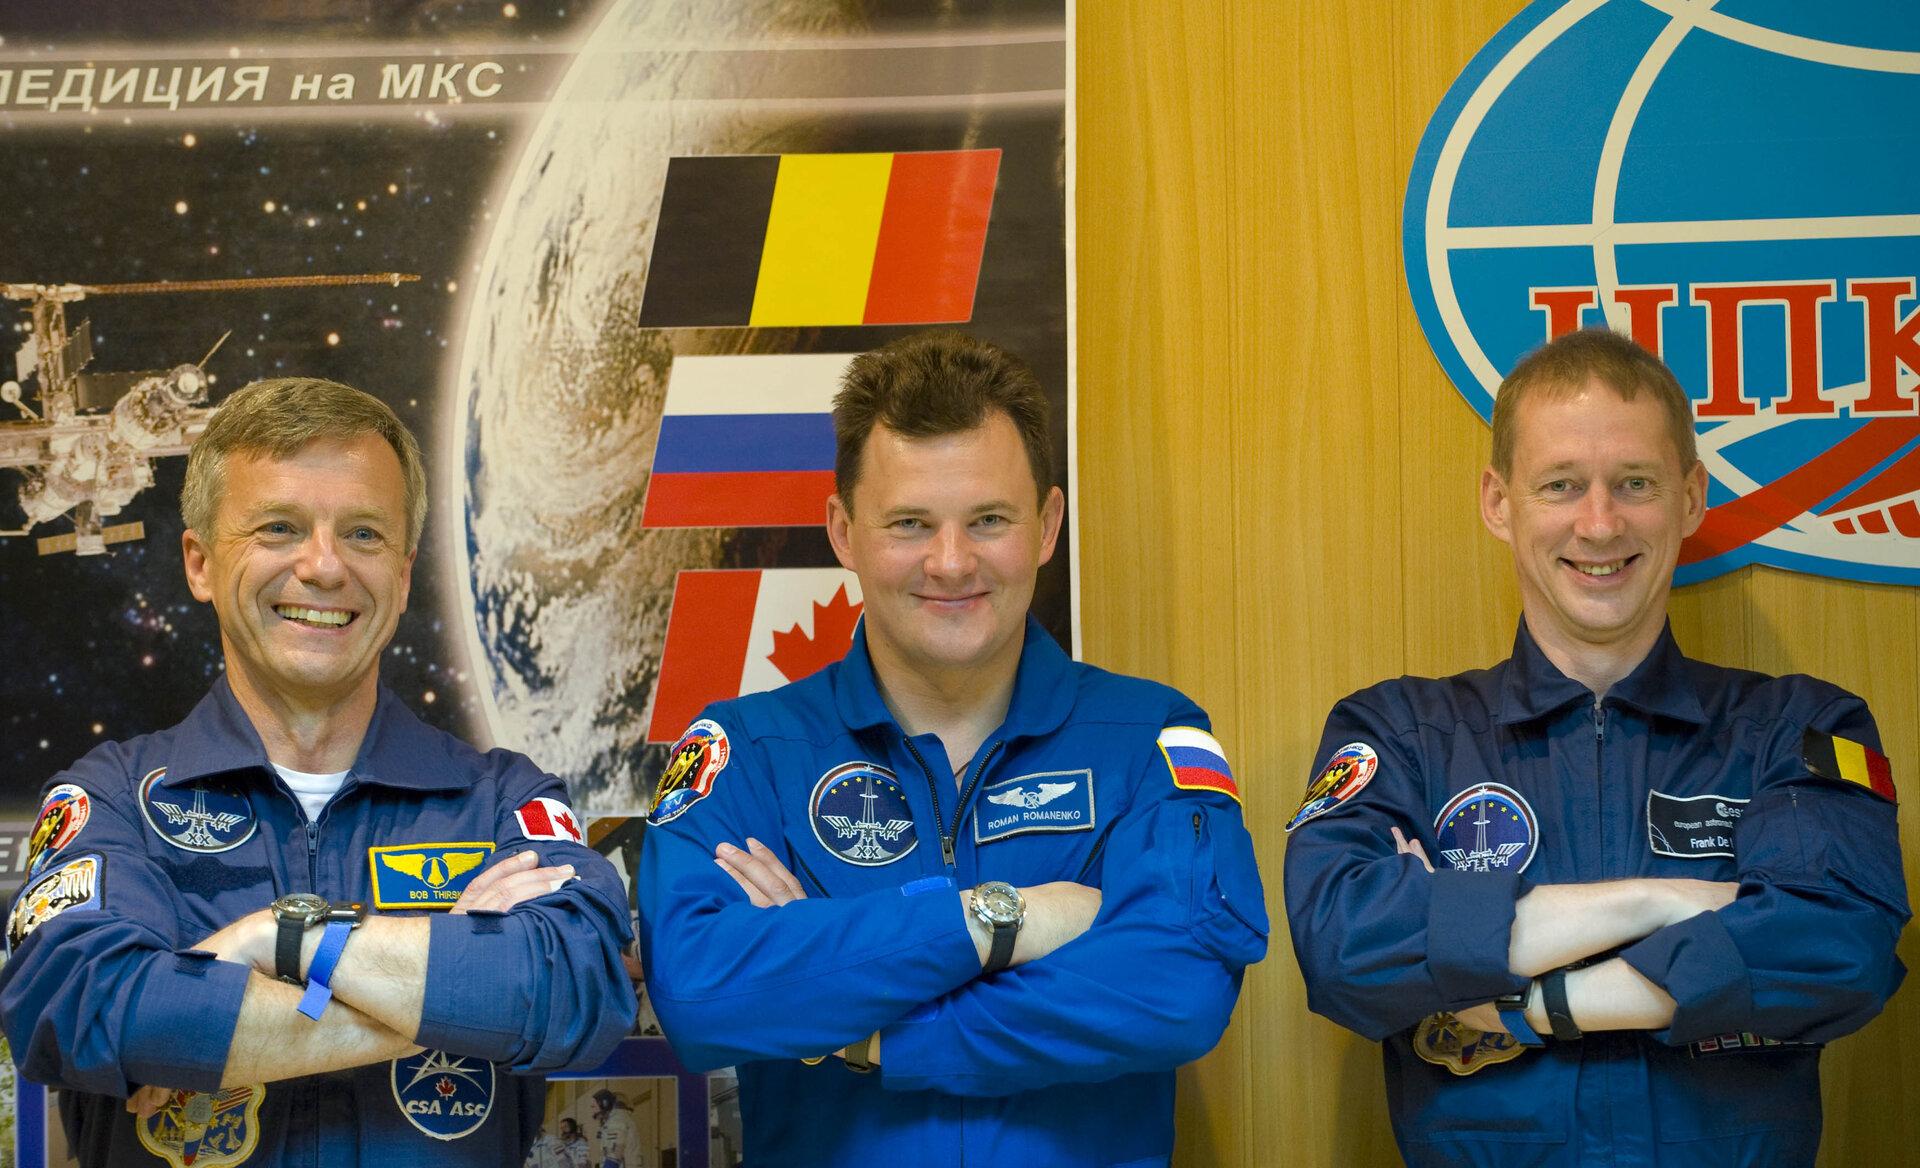 ESA - Soyuz TMA-15 crew at the pre-launch press conference